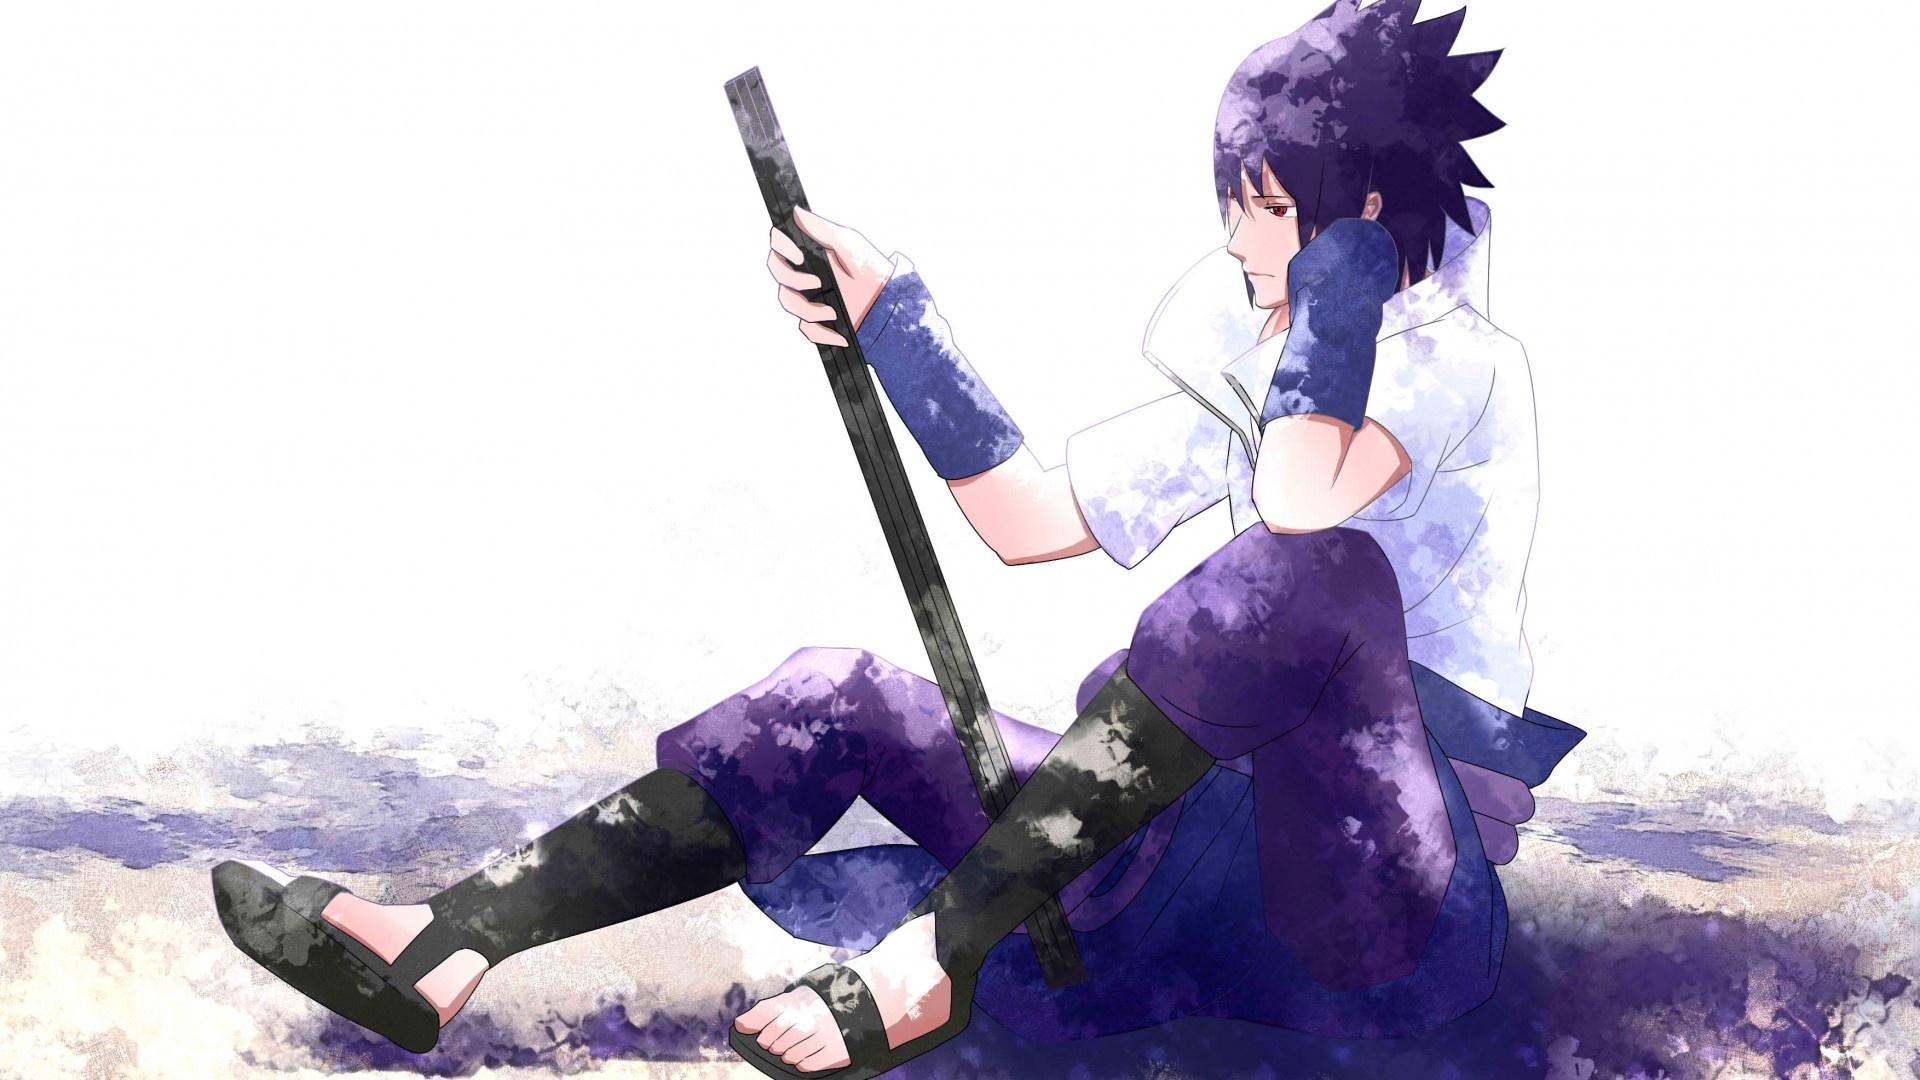 Download 1920x1080 Uchiha Sasuke Sword Profile View .jpg free photo